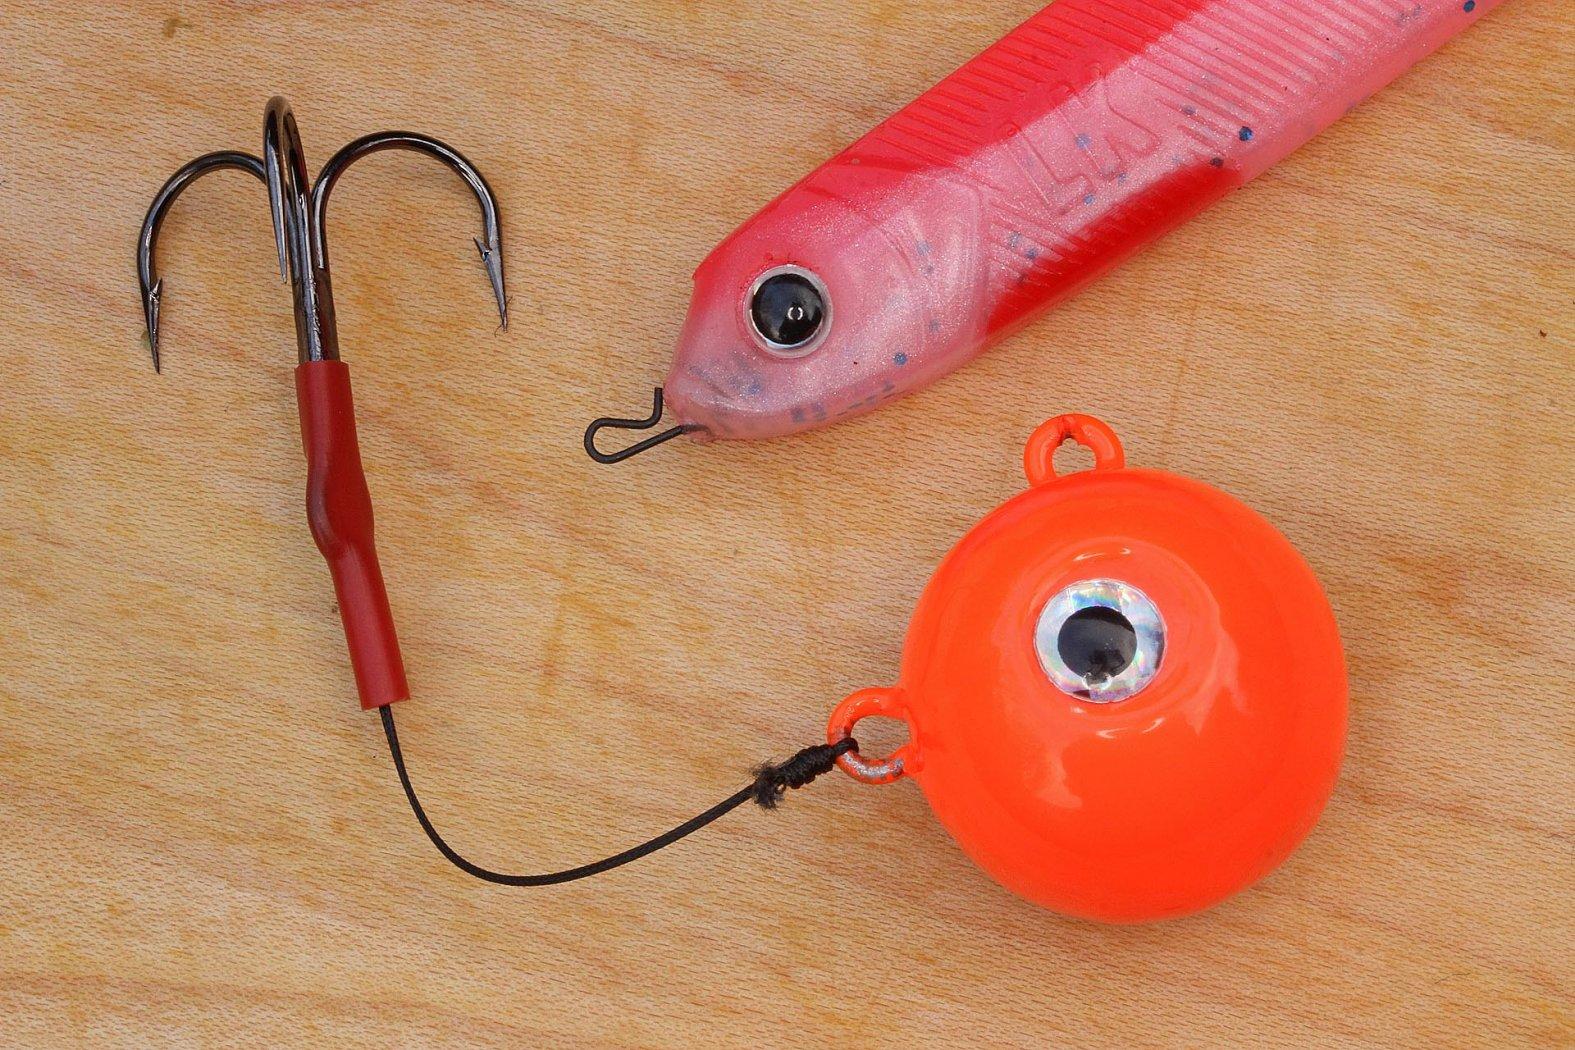 Schnellwechsel-Montage für Dorschangeln mit Gummiköder